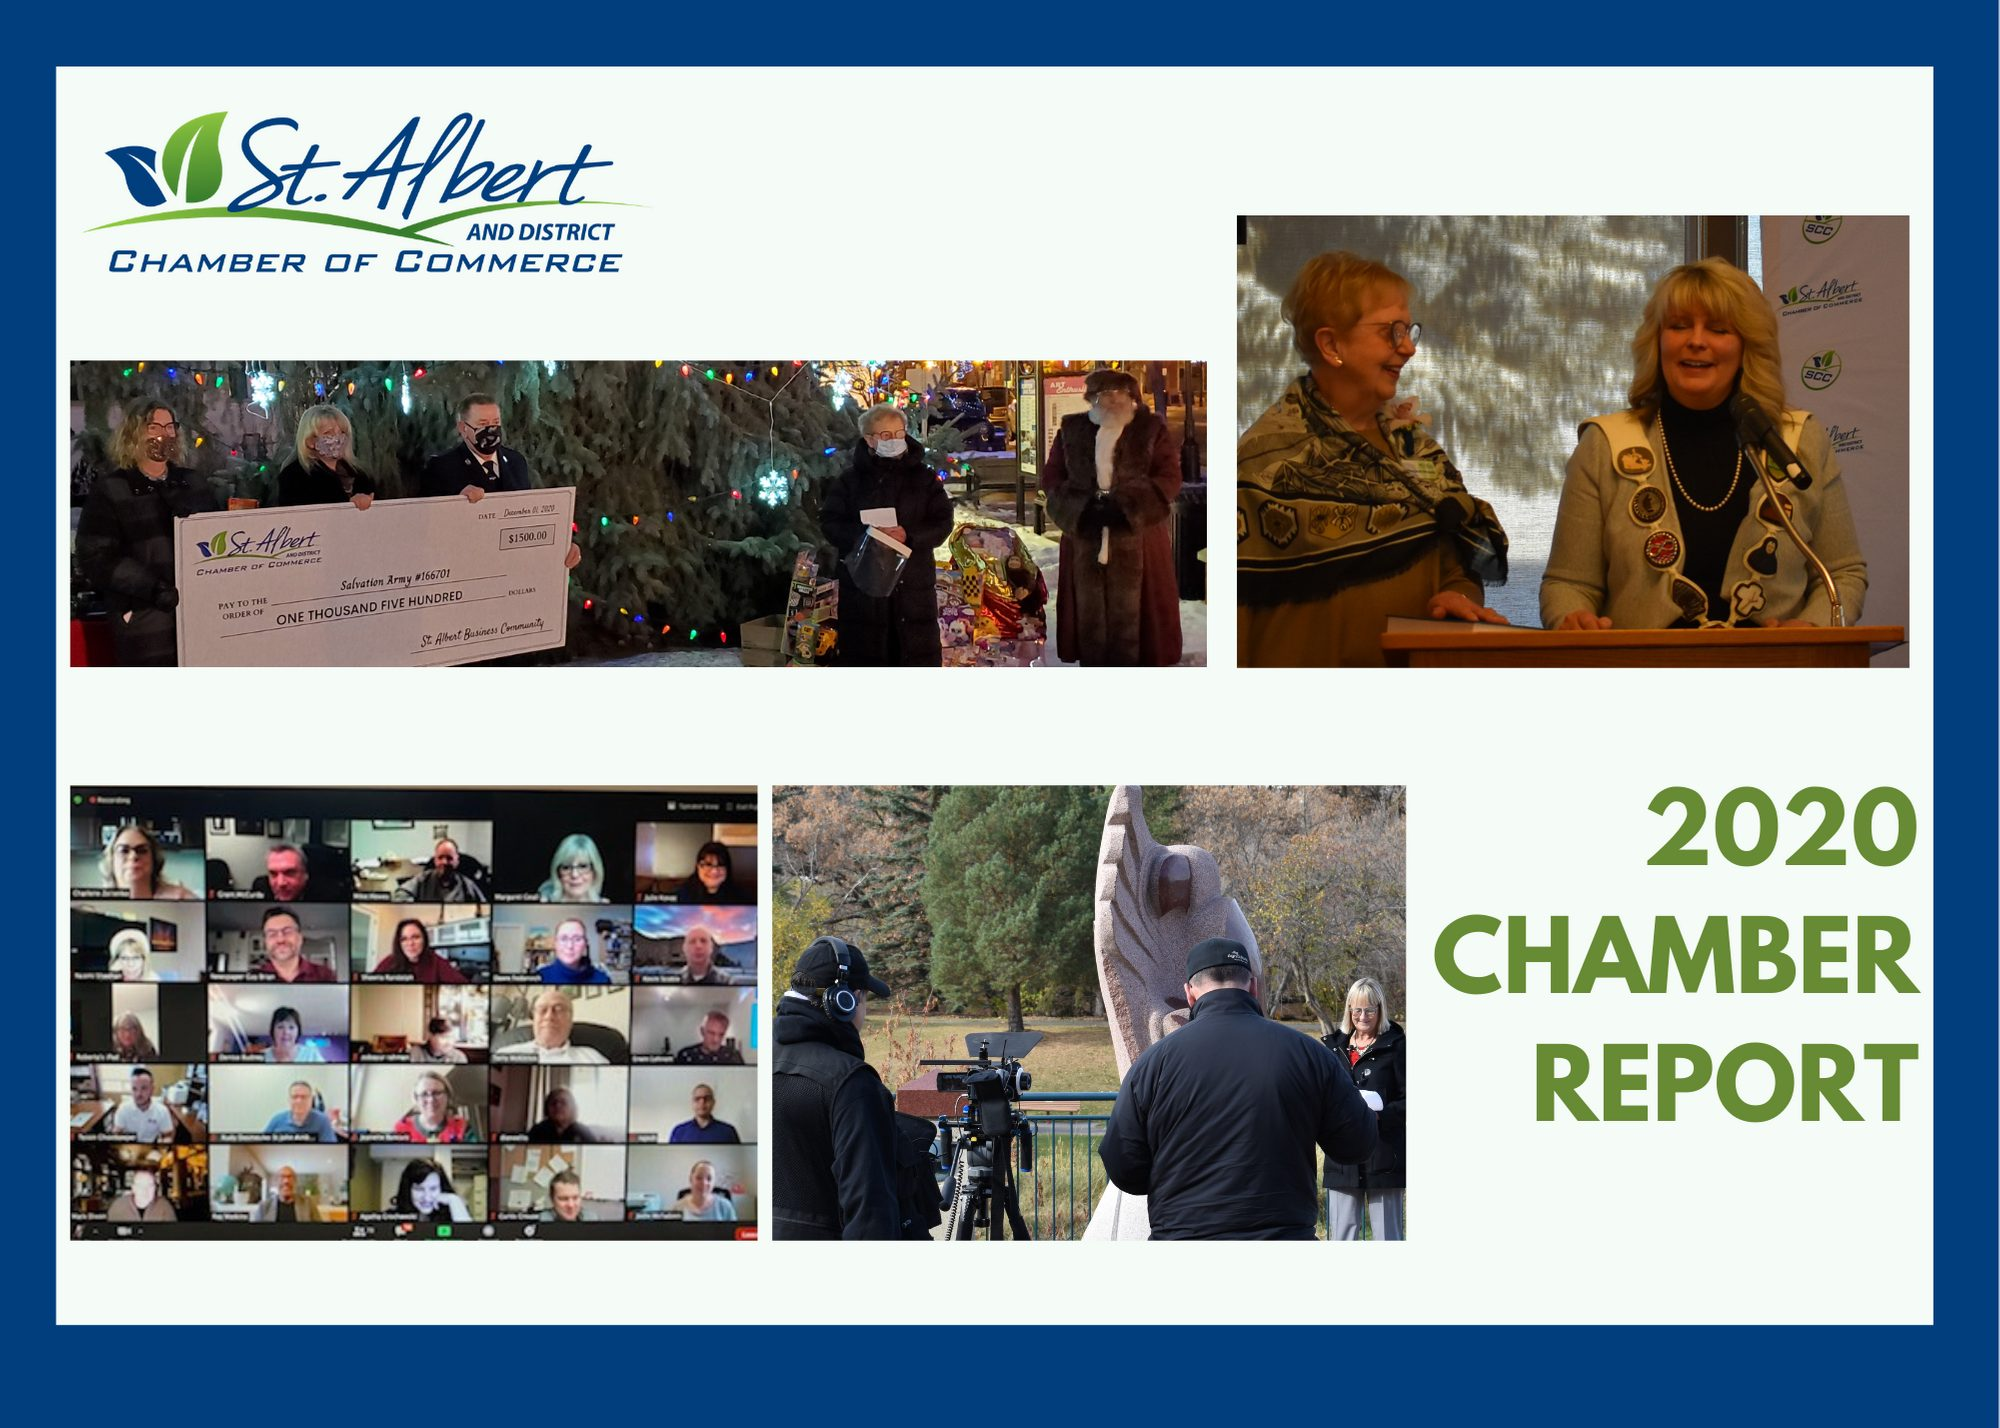 2020 Chamber Report